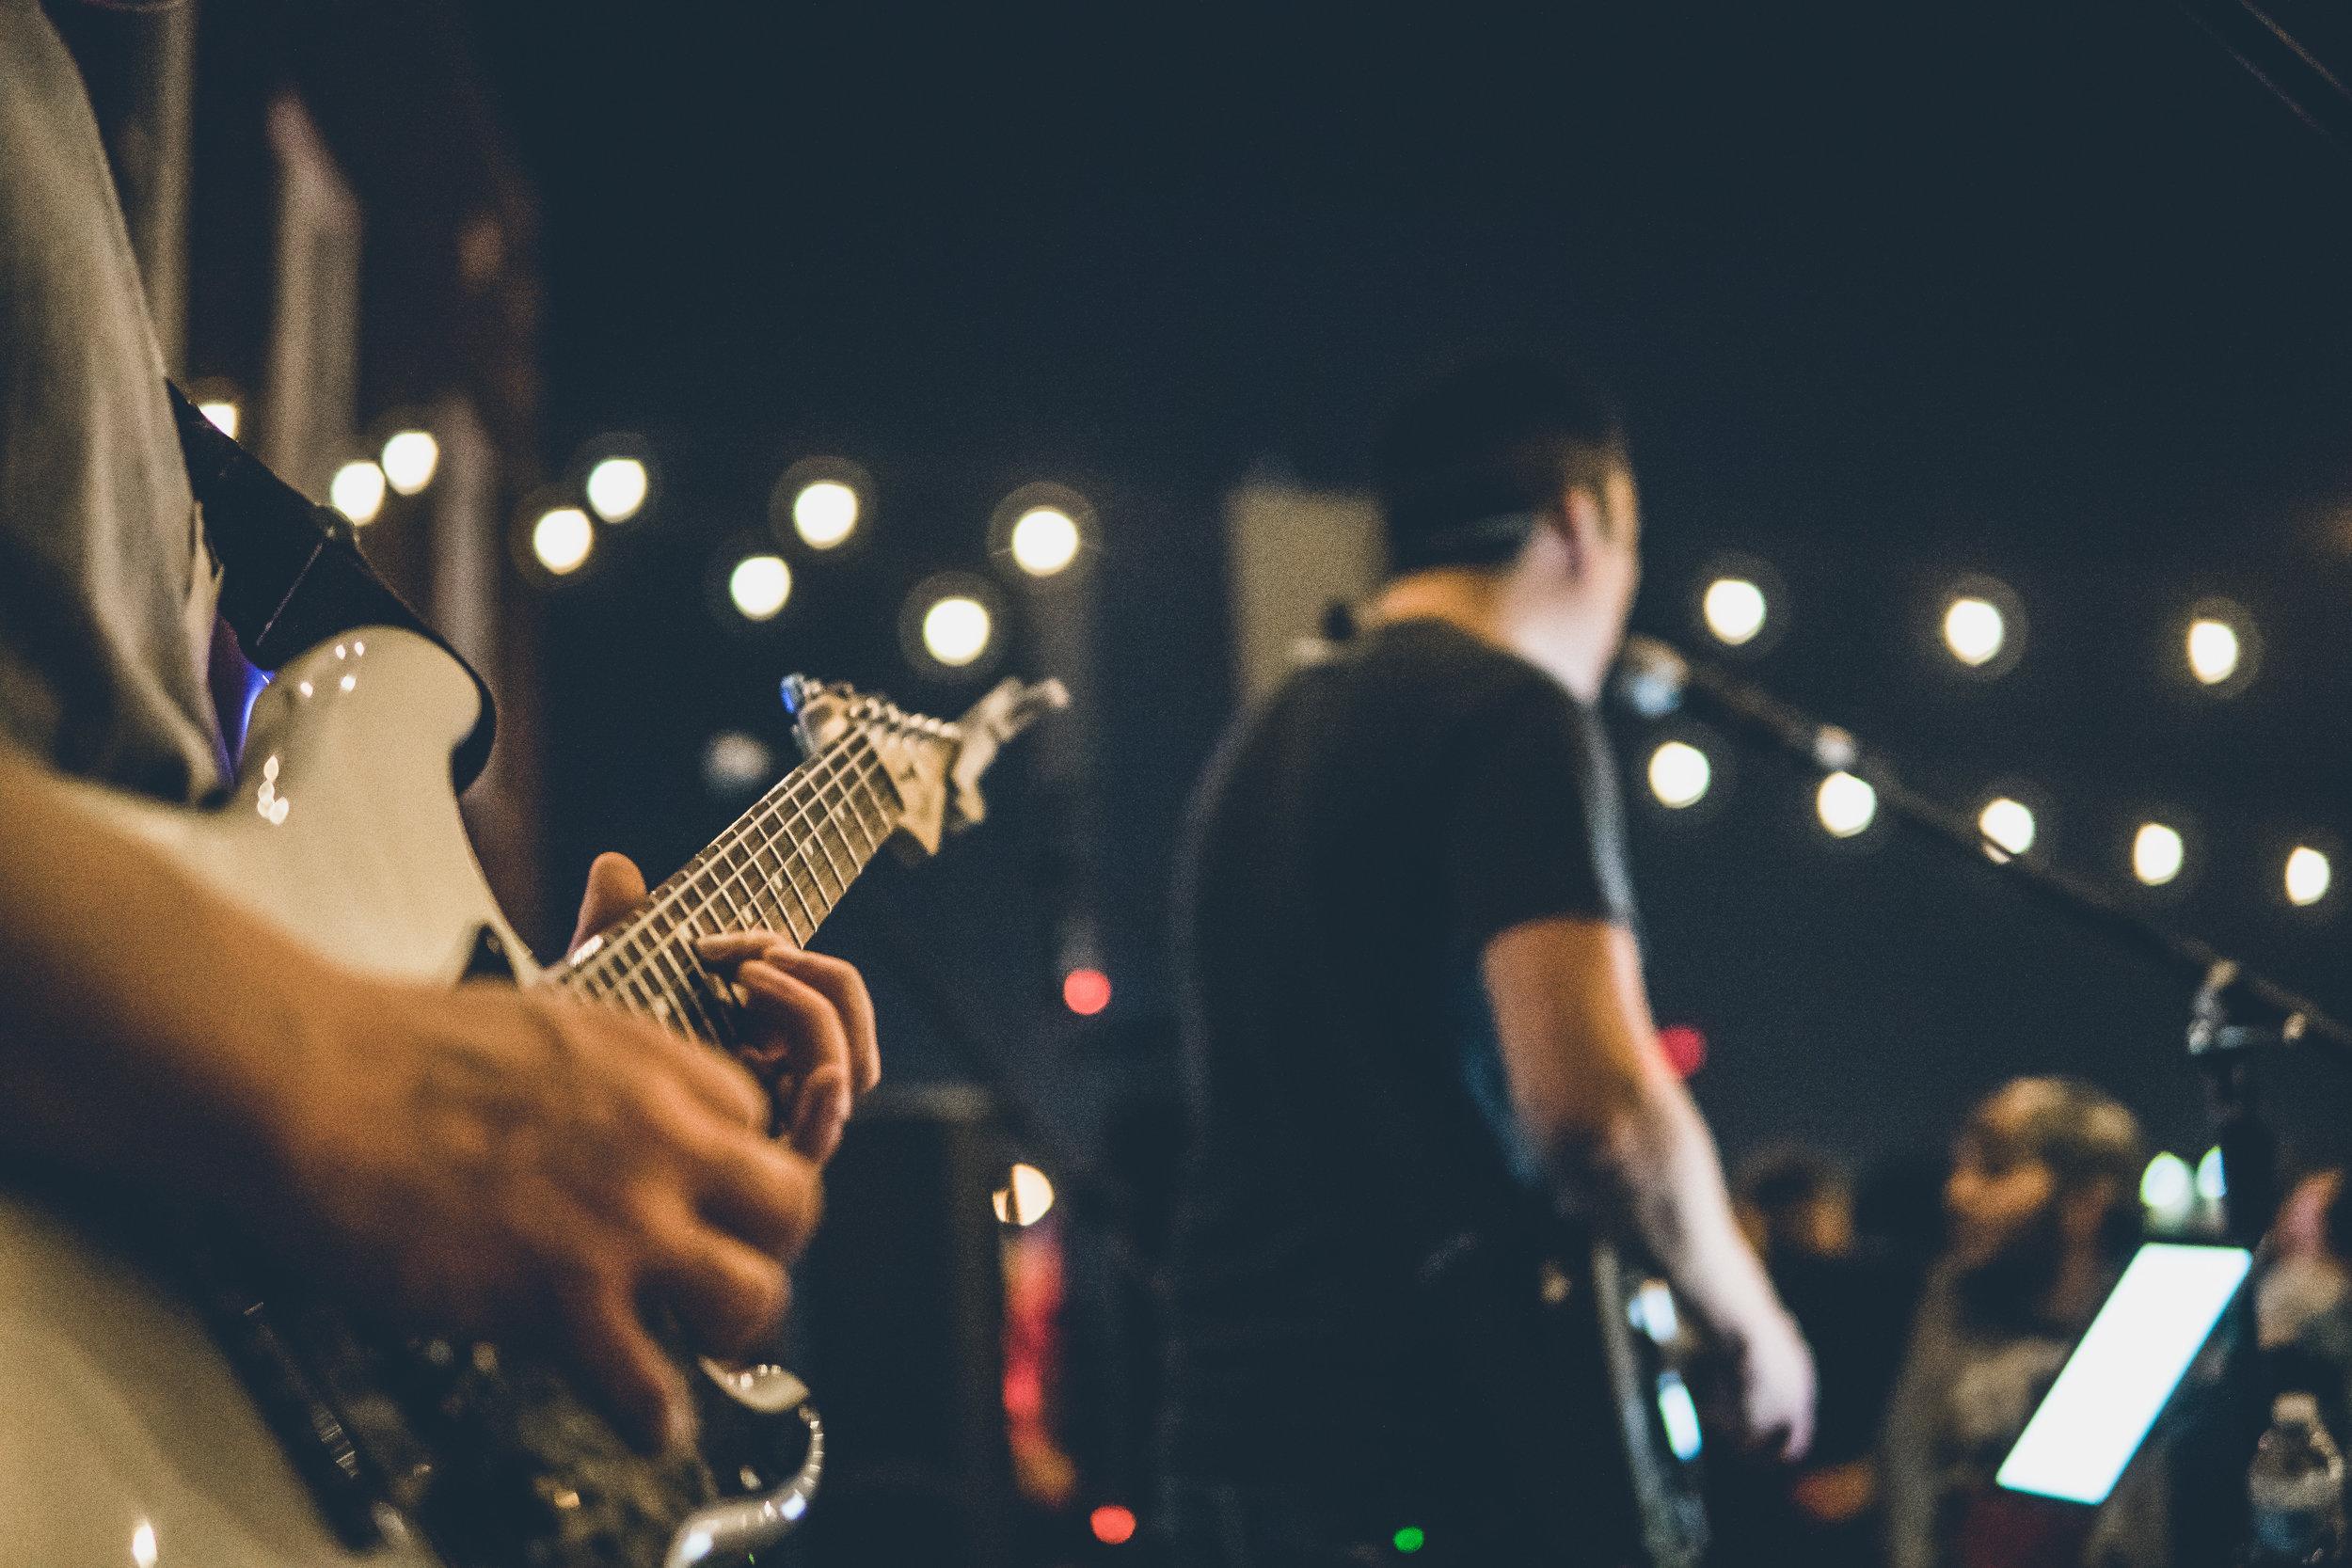 FM Pilots - Tulsa Rock Band - at Inner Circle Vodka Bar 072916-8.jpg